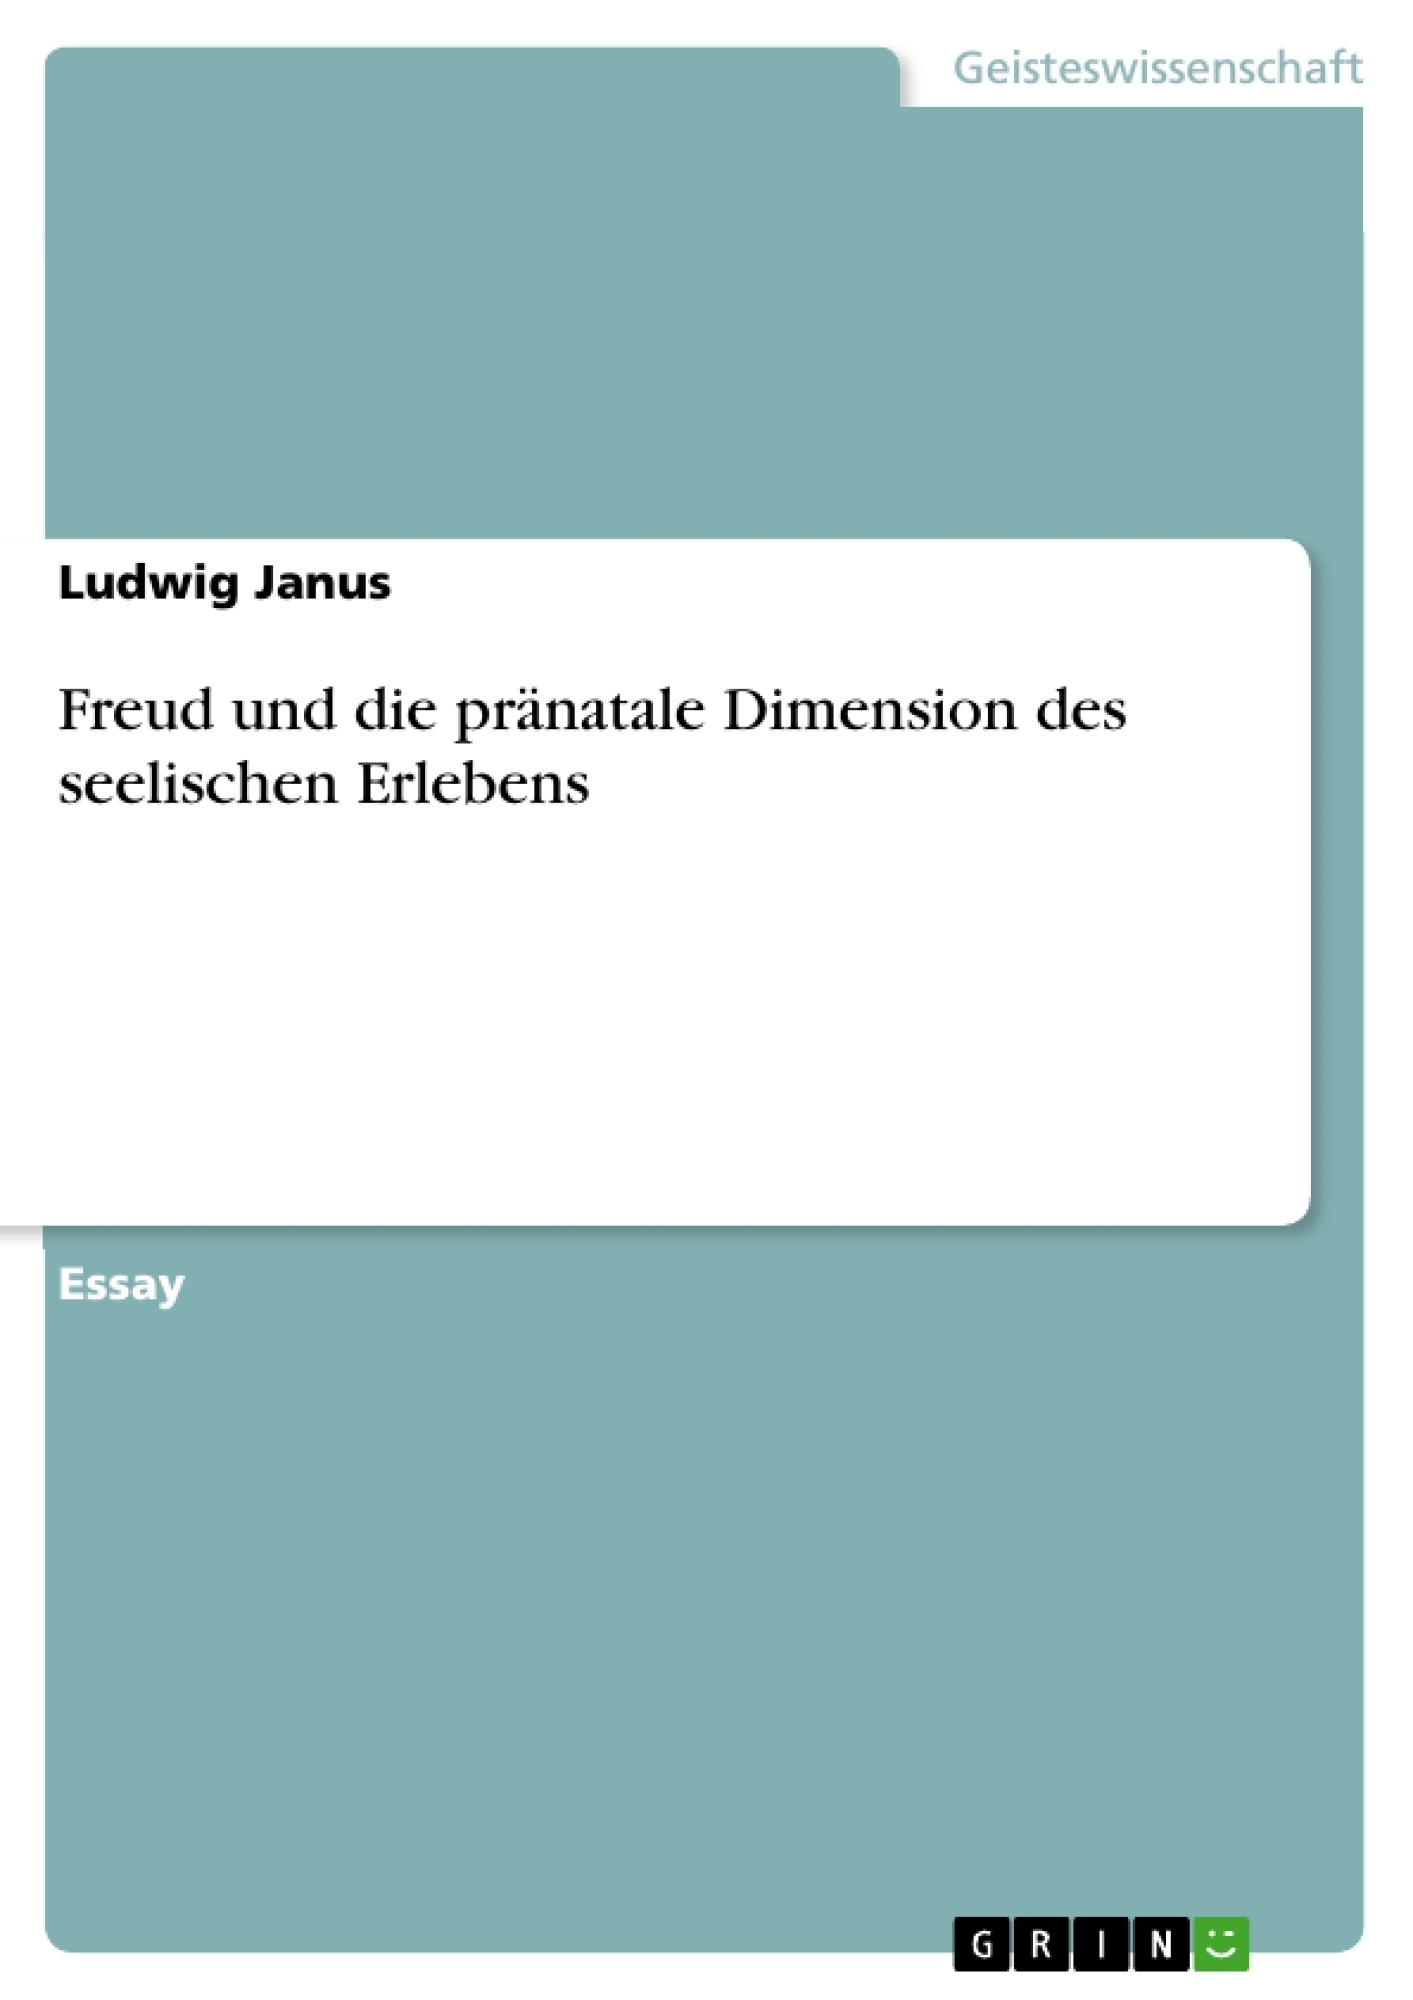 Titel: Freud und die pränatale Dimension  des seelischen Erlebens